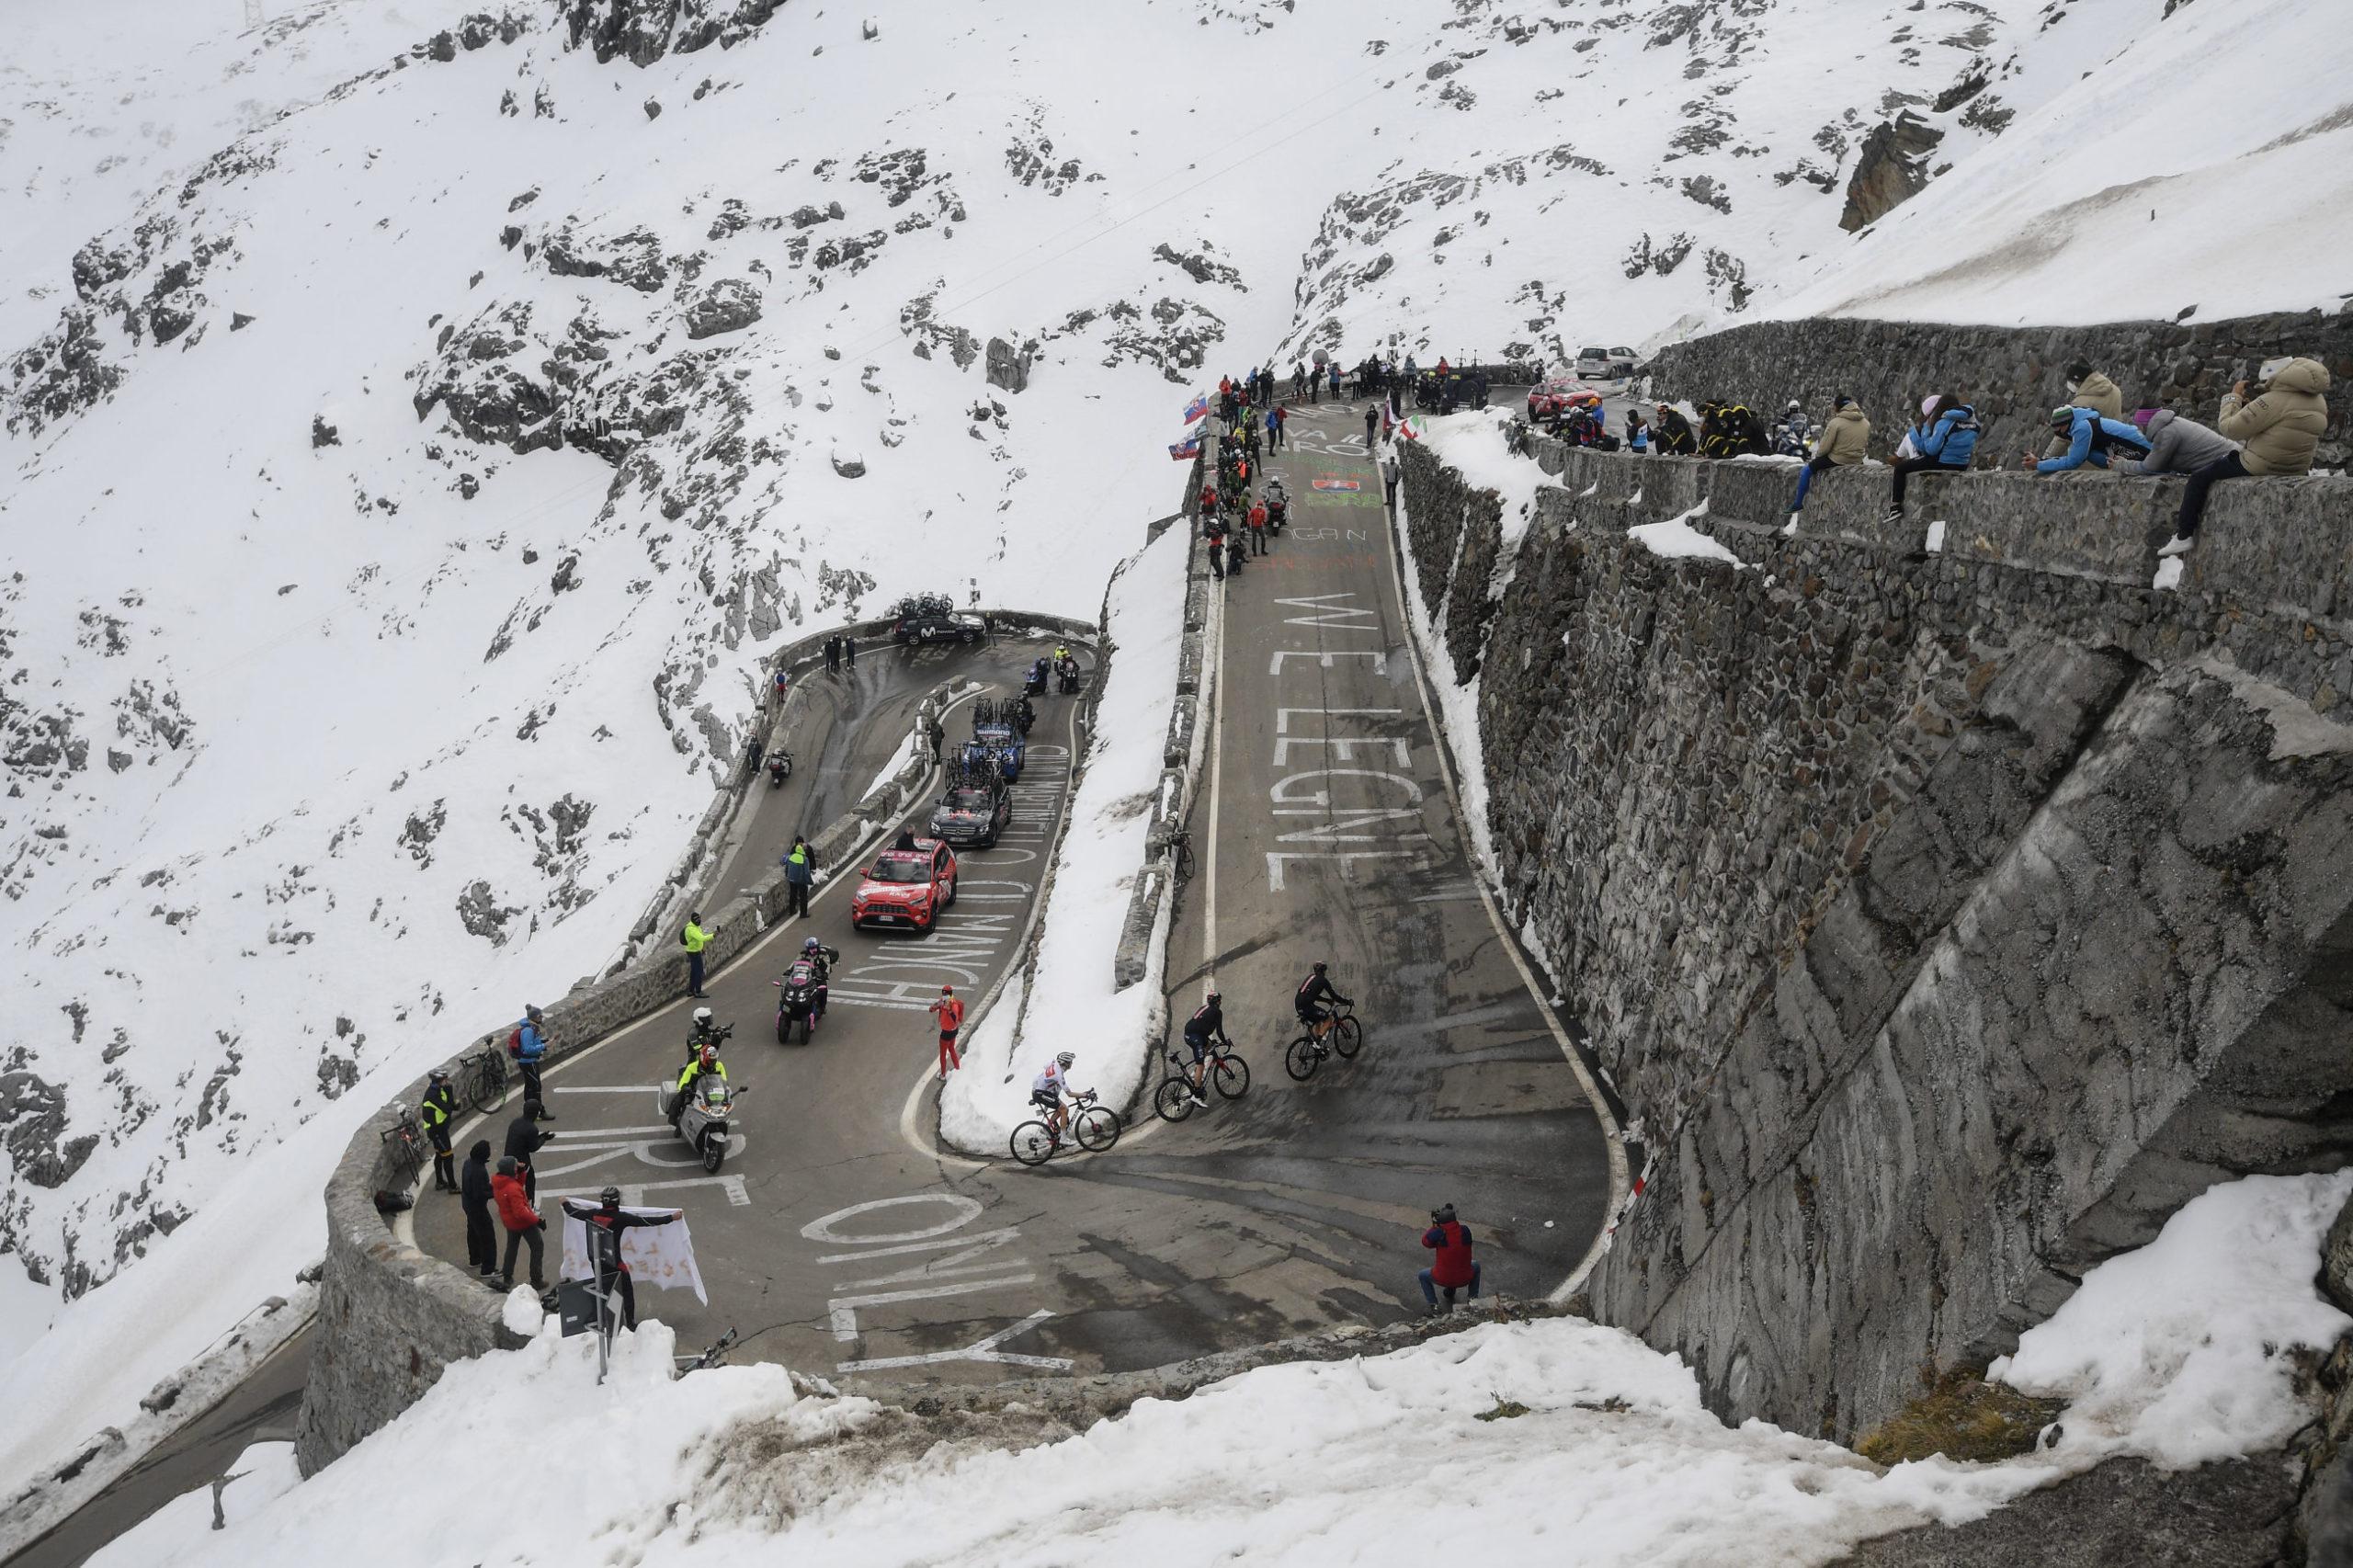 Giro-kaos da rytterprotest tvang arrangørene til å ta grep